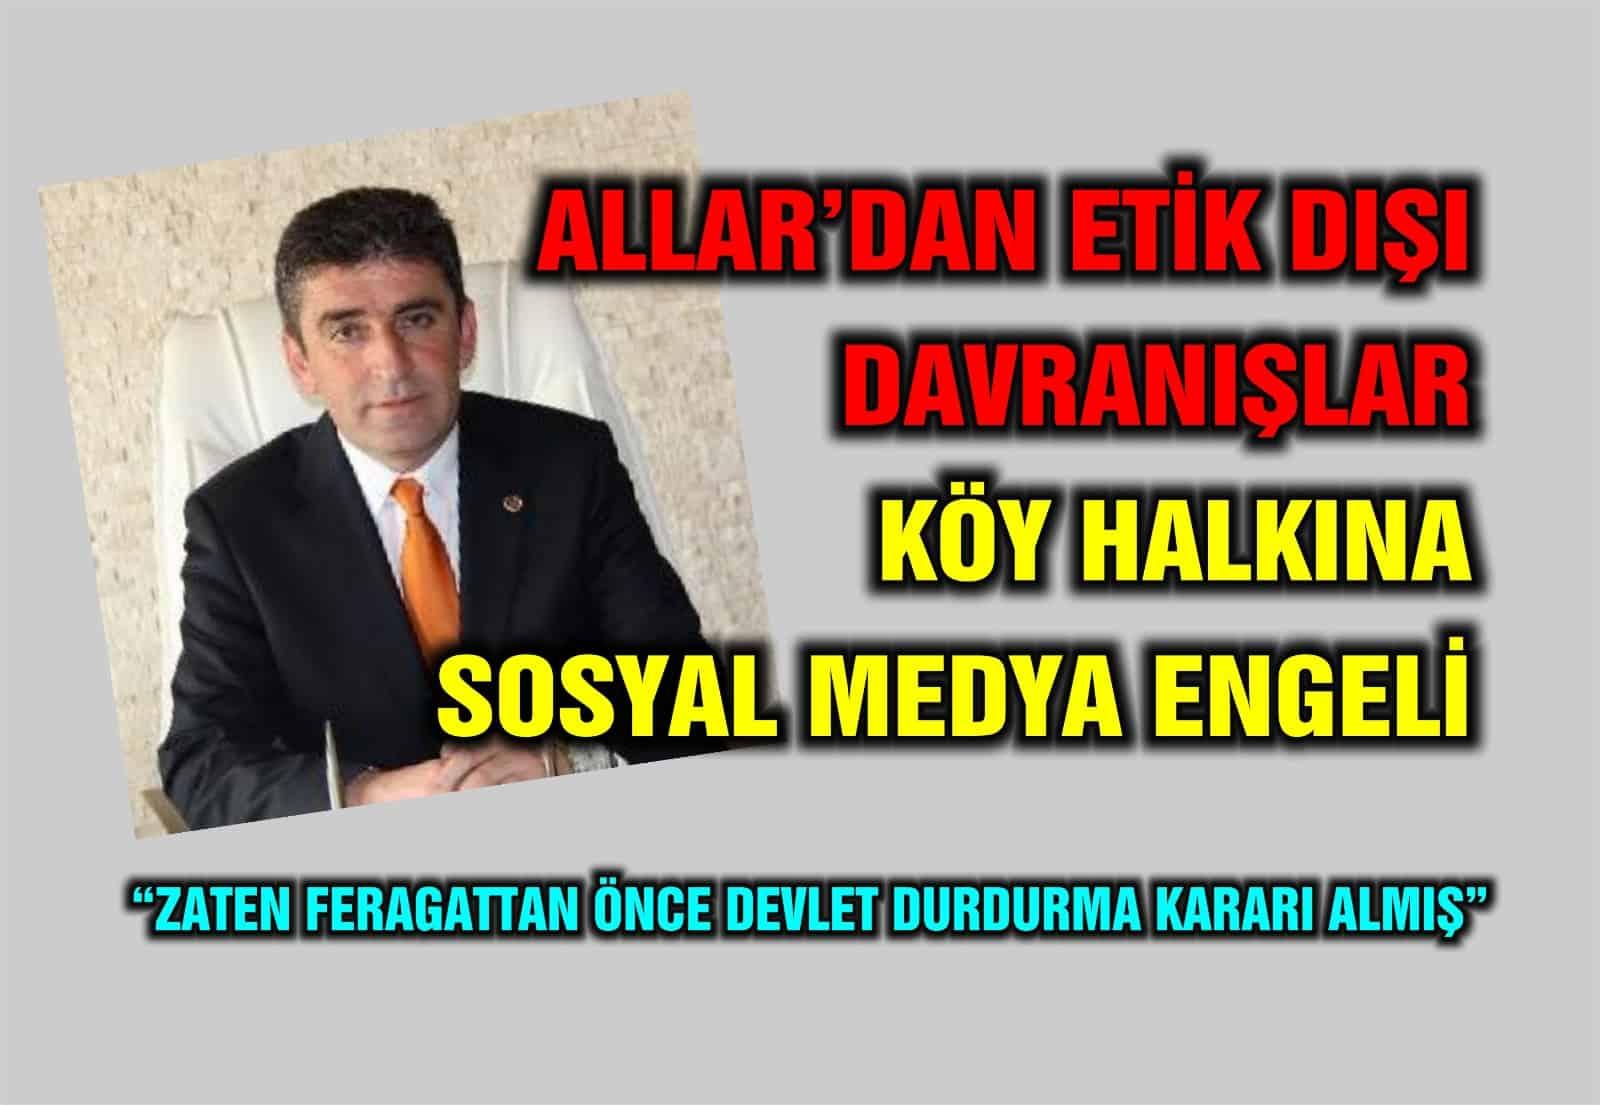 """ALLAR'DAN KÖY HALKINA SOSYAL MEDYA ENGELİ"""""""